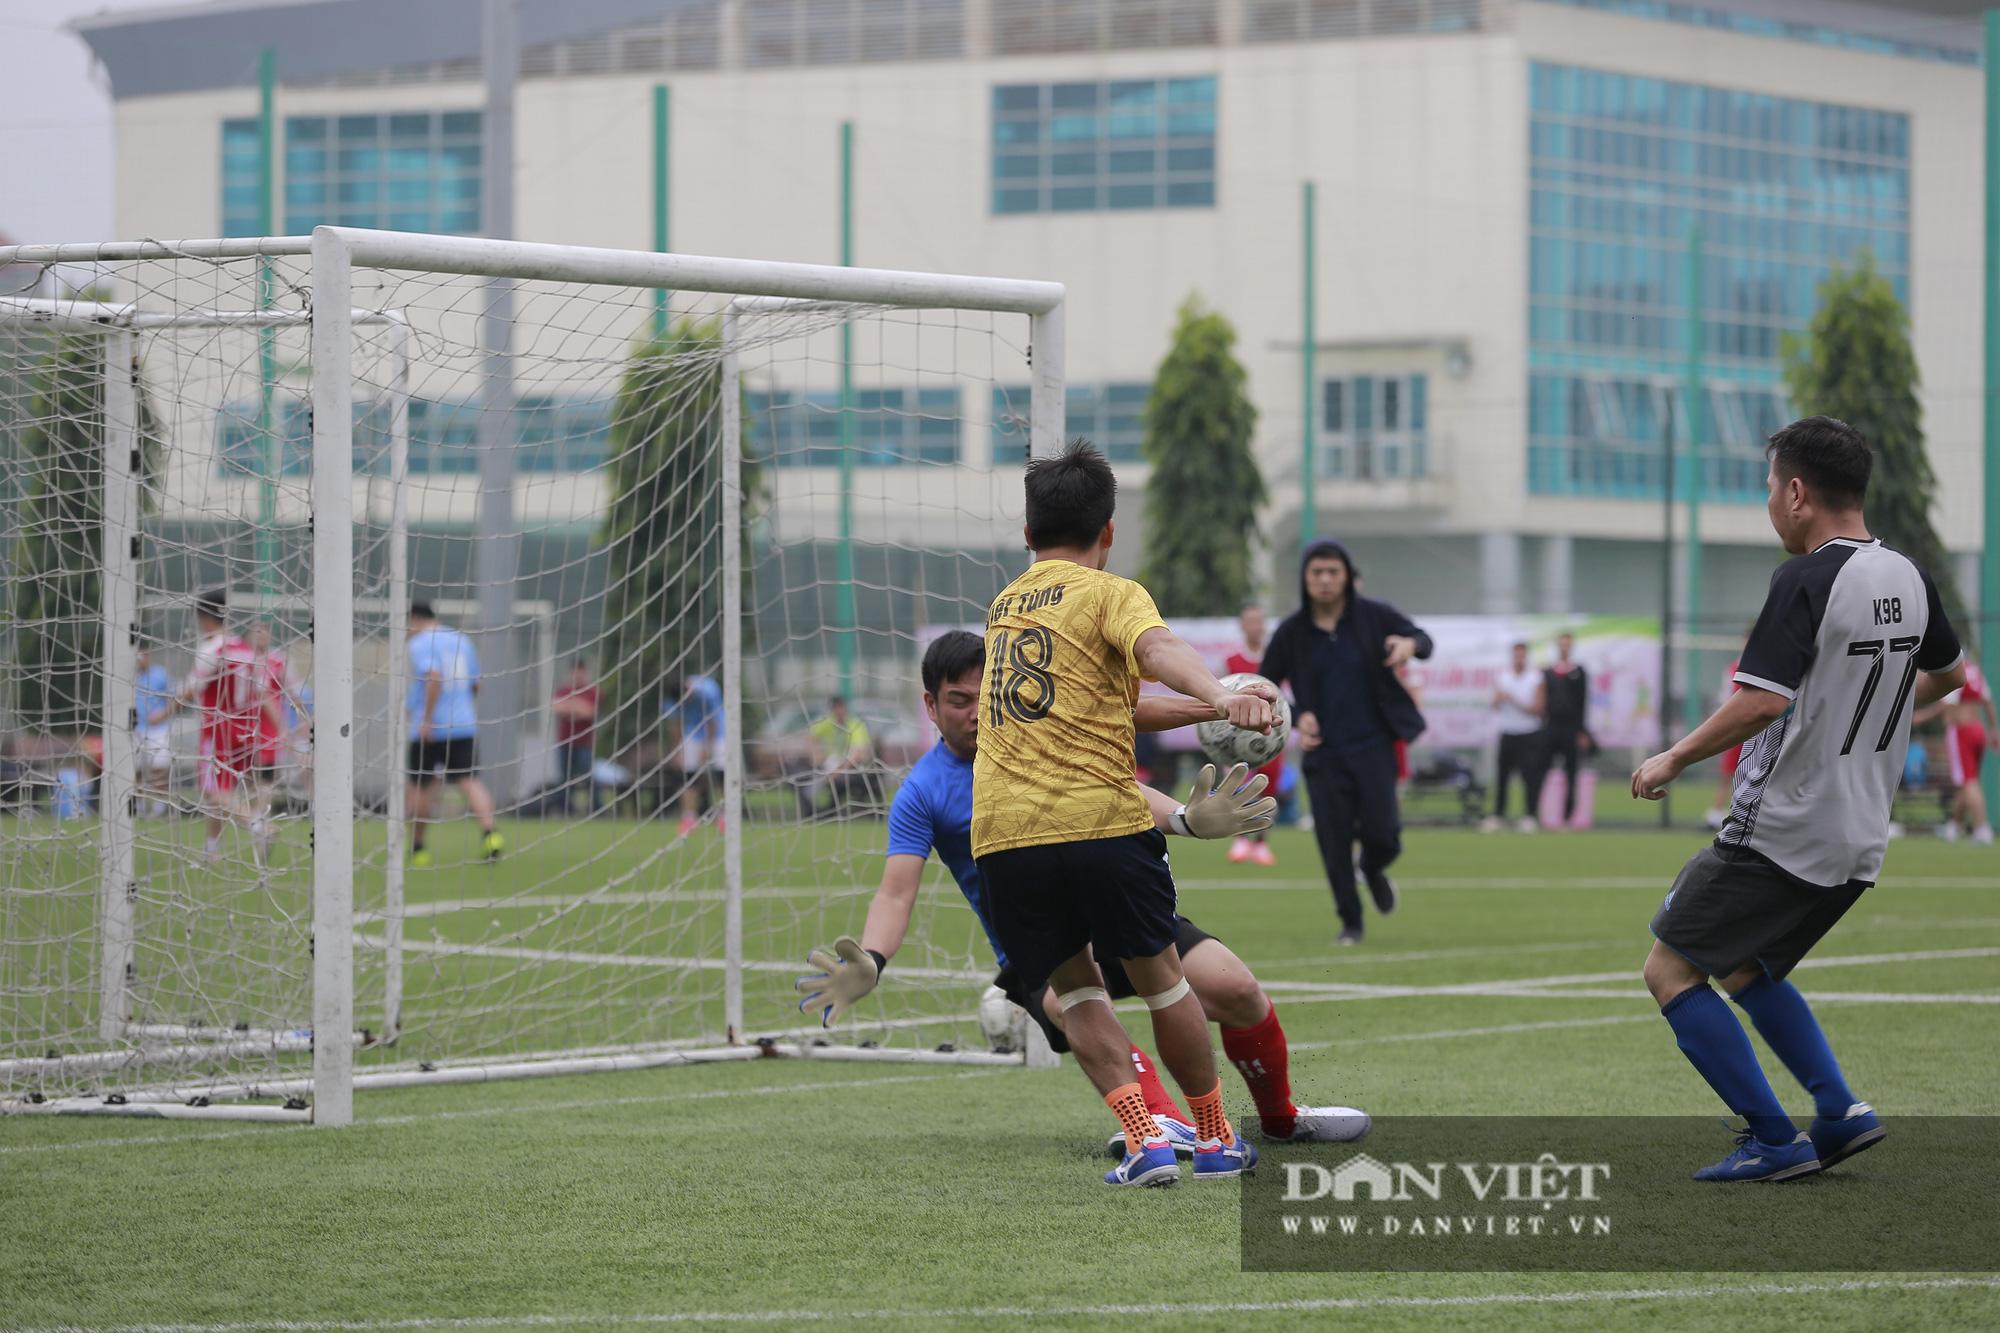 Khoảnh khắc lượt trận cuối cùng vòng bảng giải bóng đá báo NTNN/Dân Việt  - Ảnh 4.